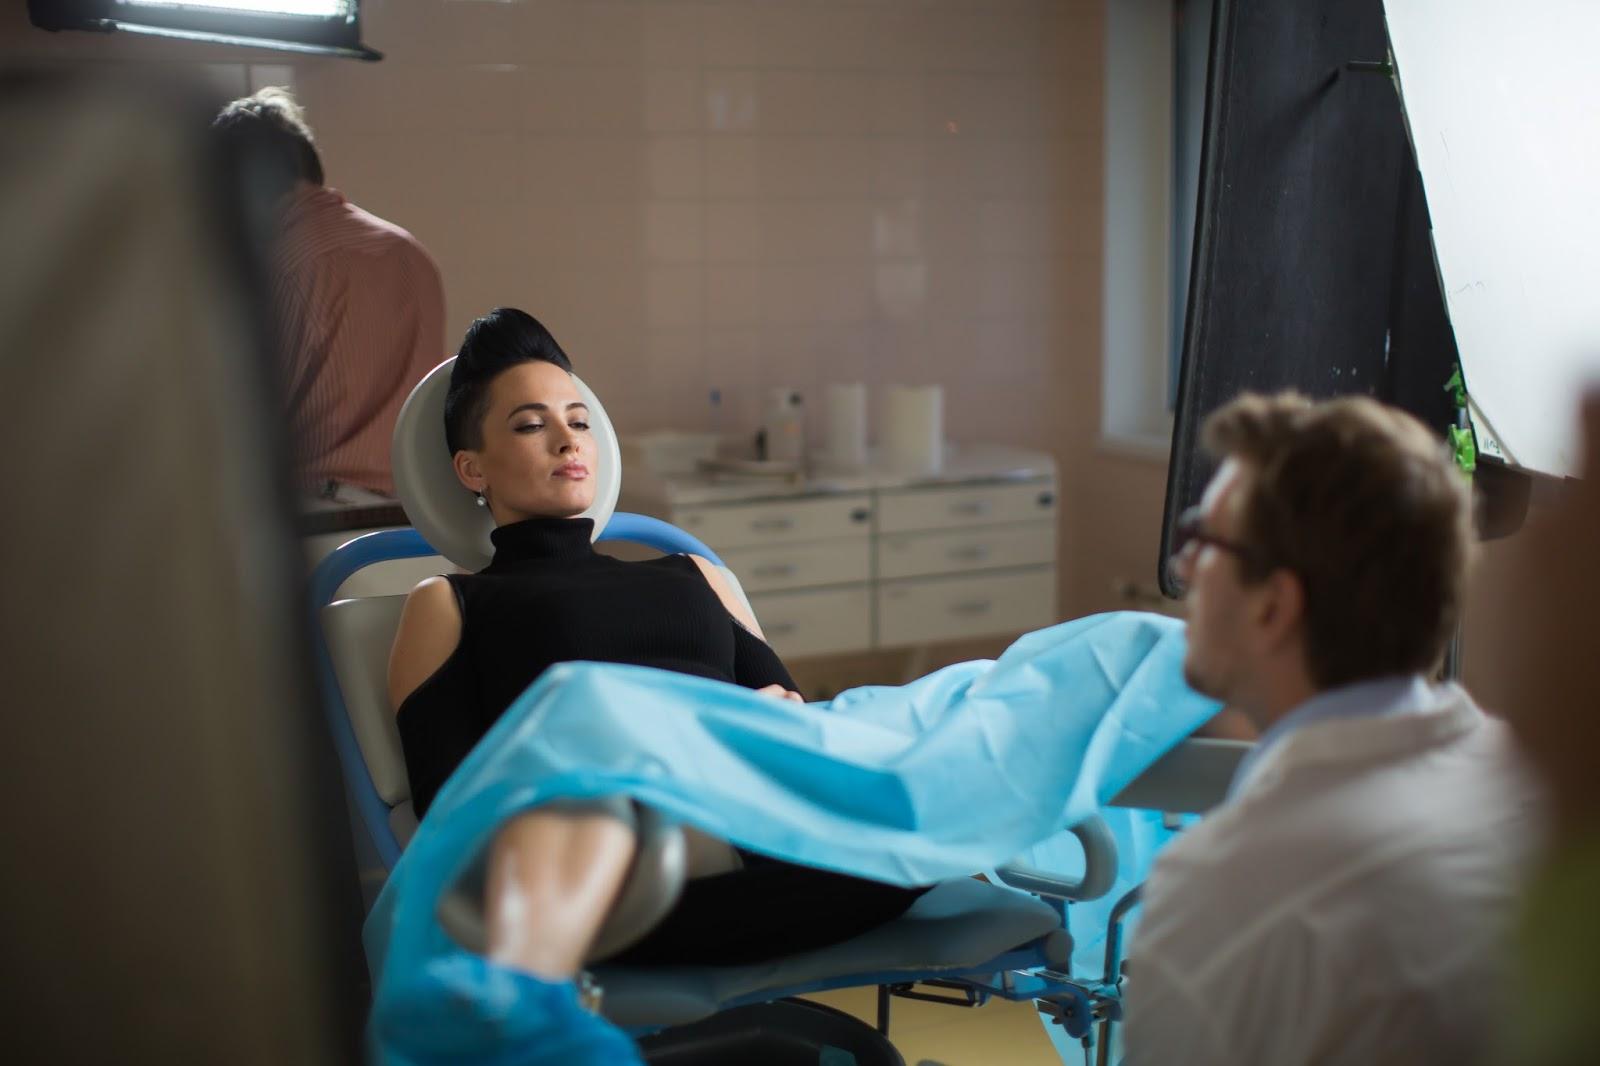 Фото голой девушки в гинекологическом кресле, гинеколог: порно фото и секс в кабинете гинеколога 1 фотография